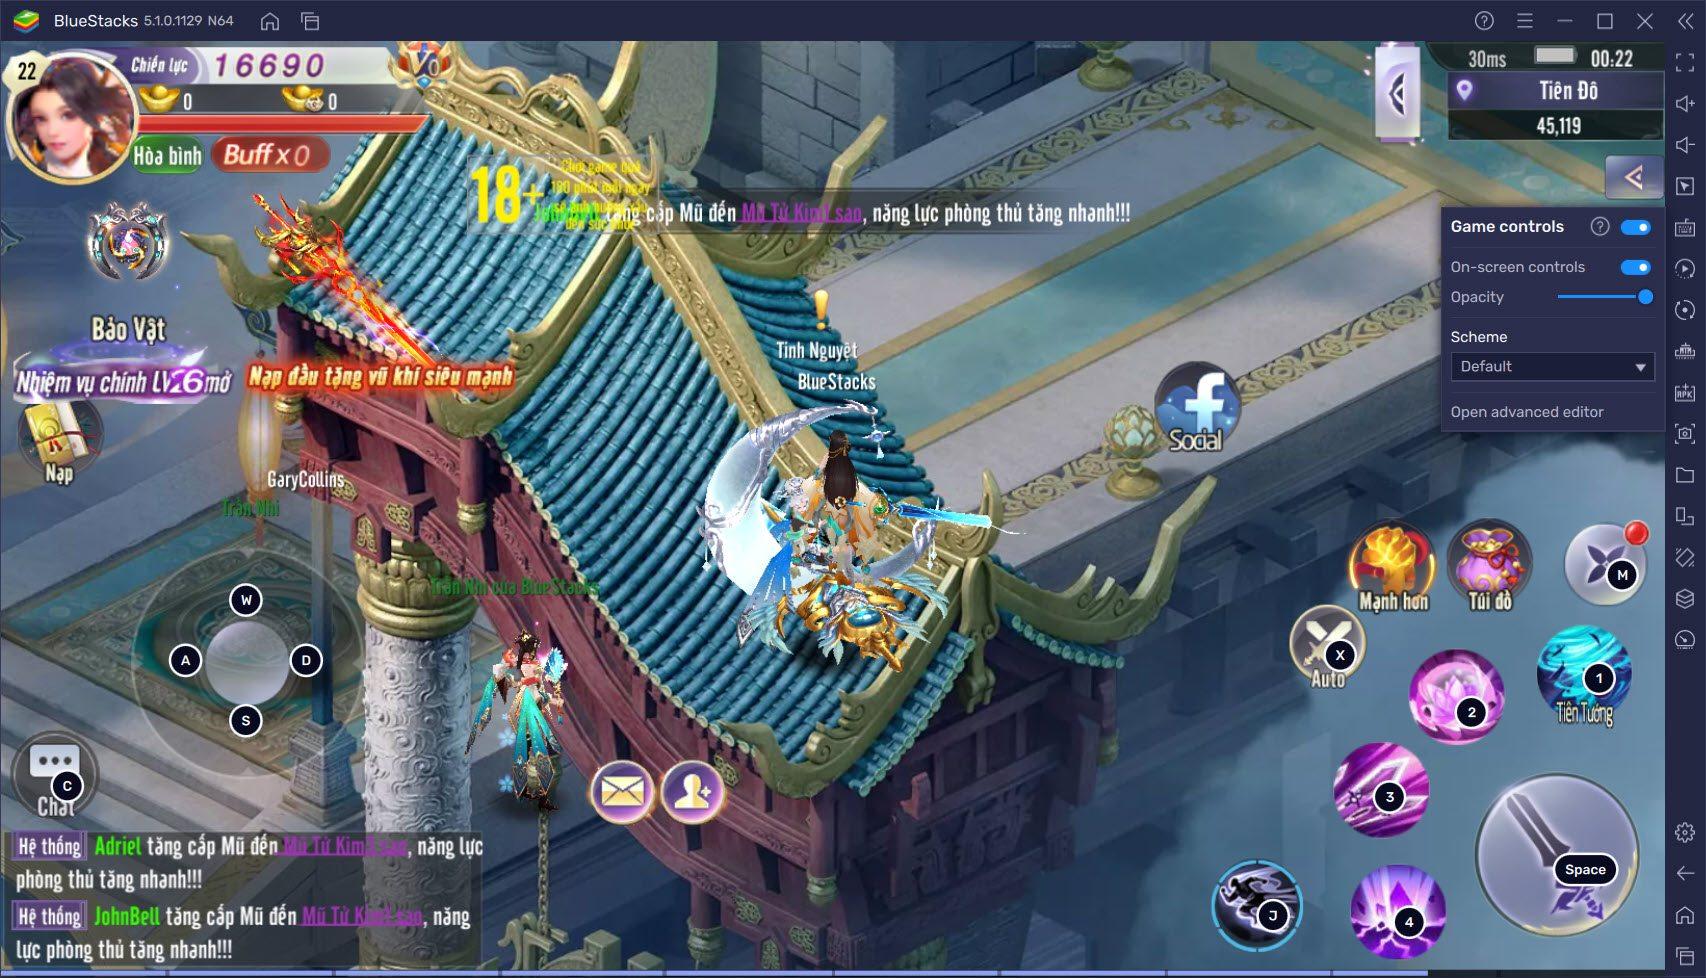 Trải nghiệm võ thuật đỉnh cao trong Võ Lâm Kiếm Vương 3D cùng BlueStacks